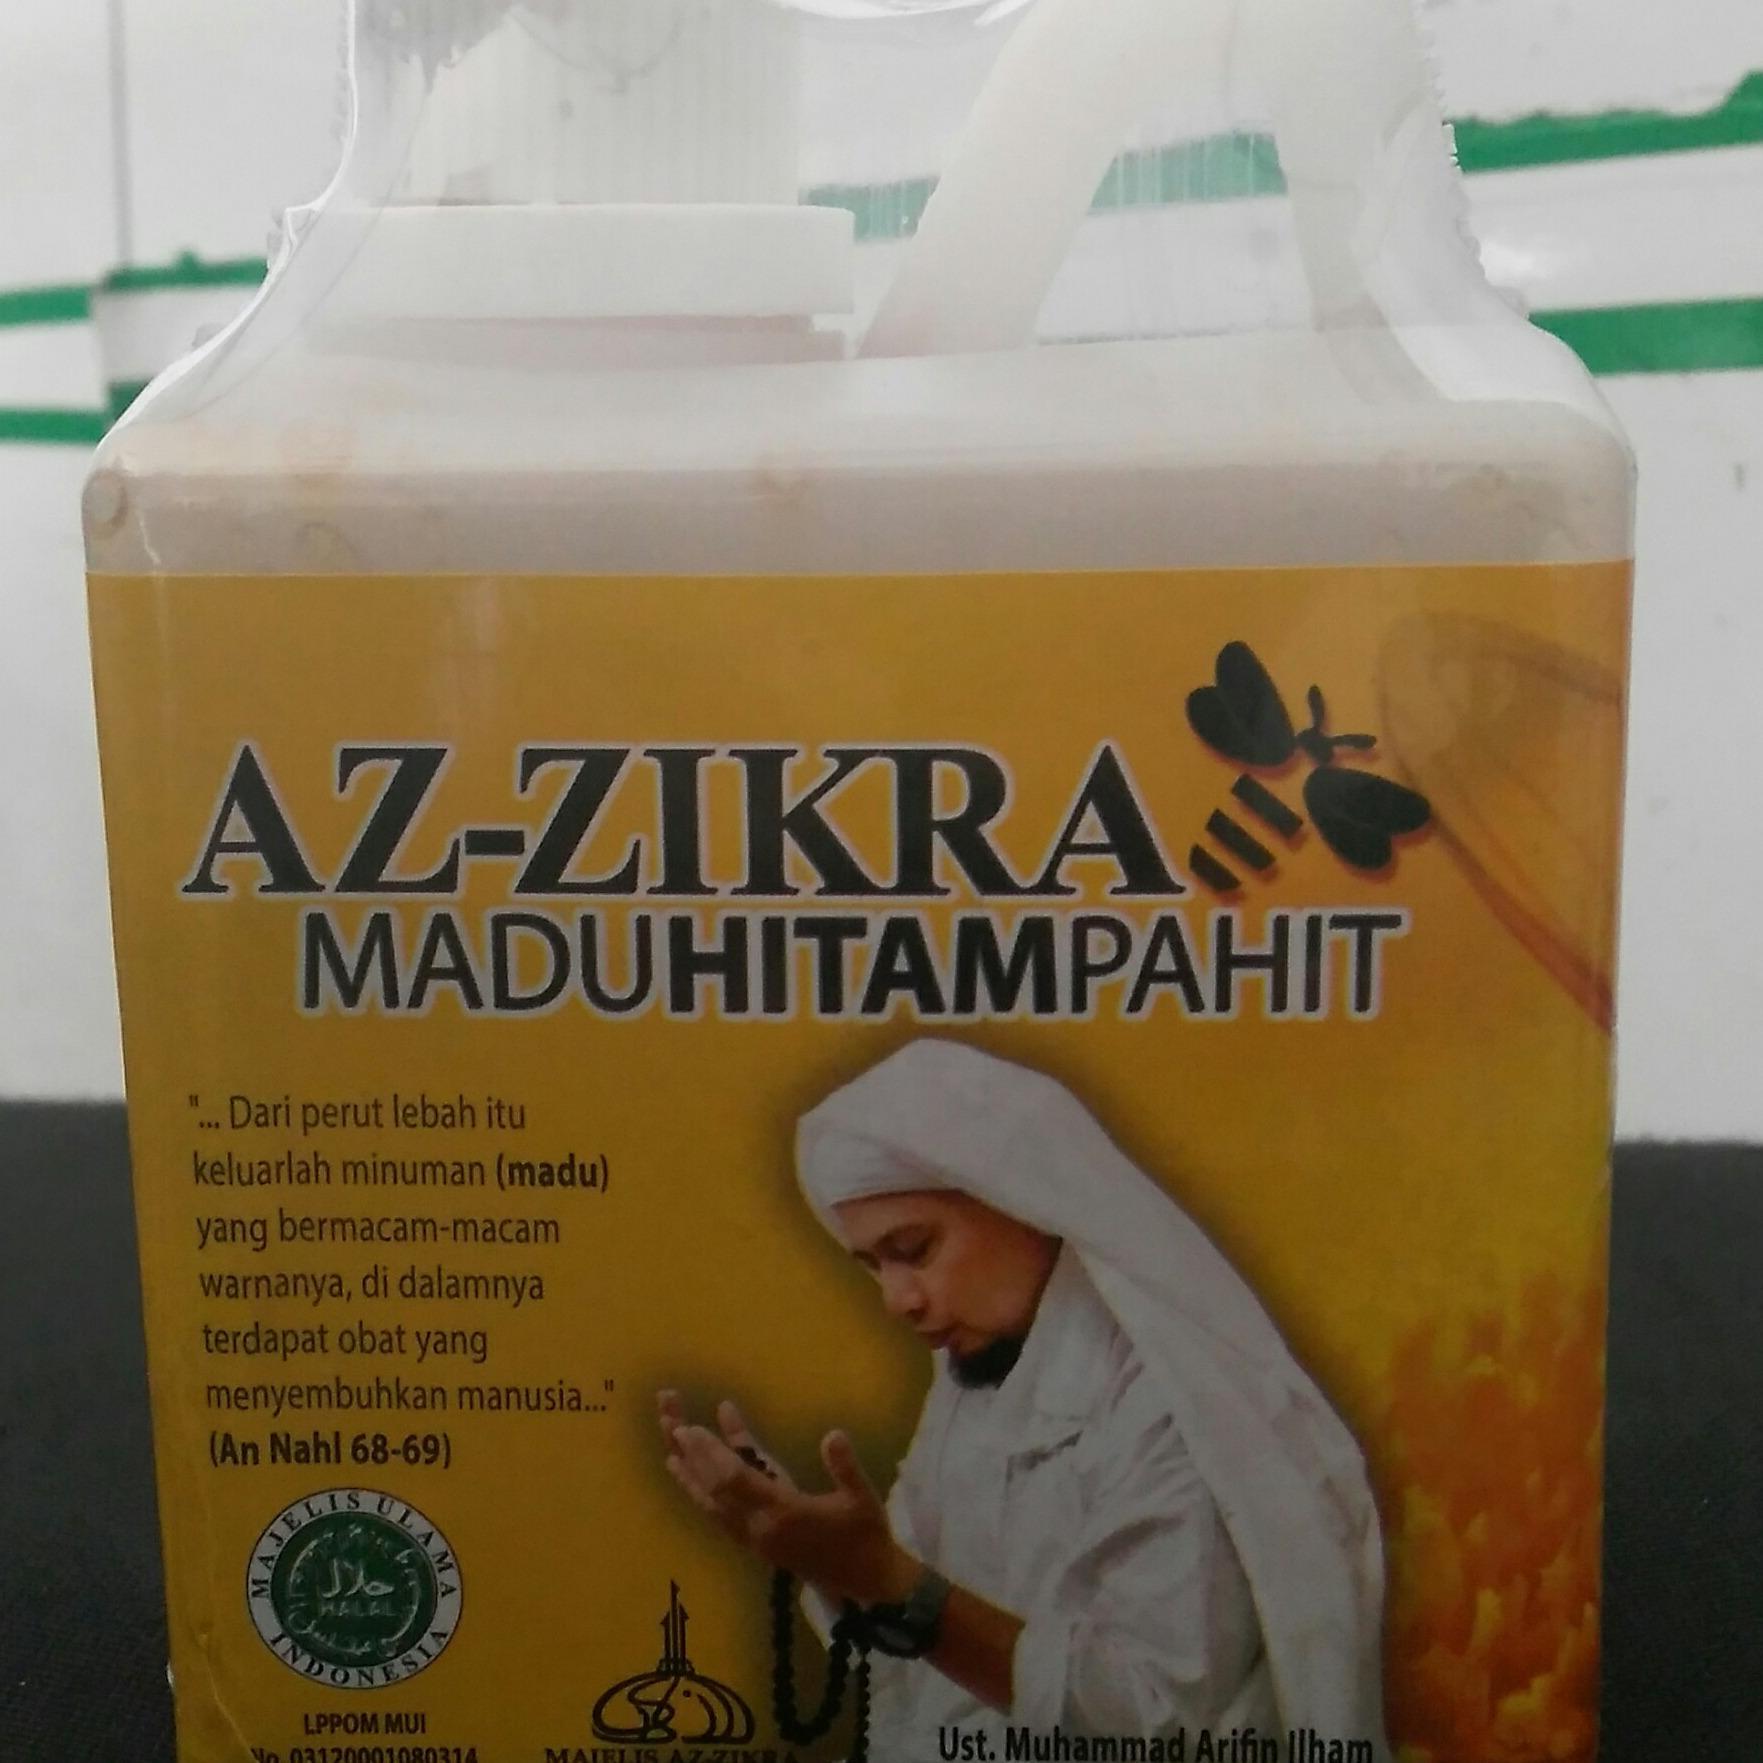 Madu Az - Zikra Hitam Pahit (500gr) Madu Kesehatan, Madu Pengobatan, Madu Dzikir Ribuan Umat